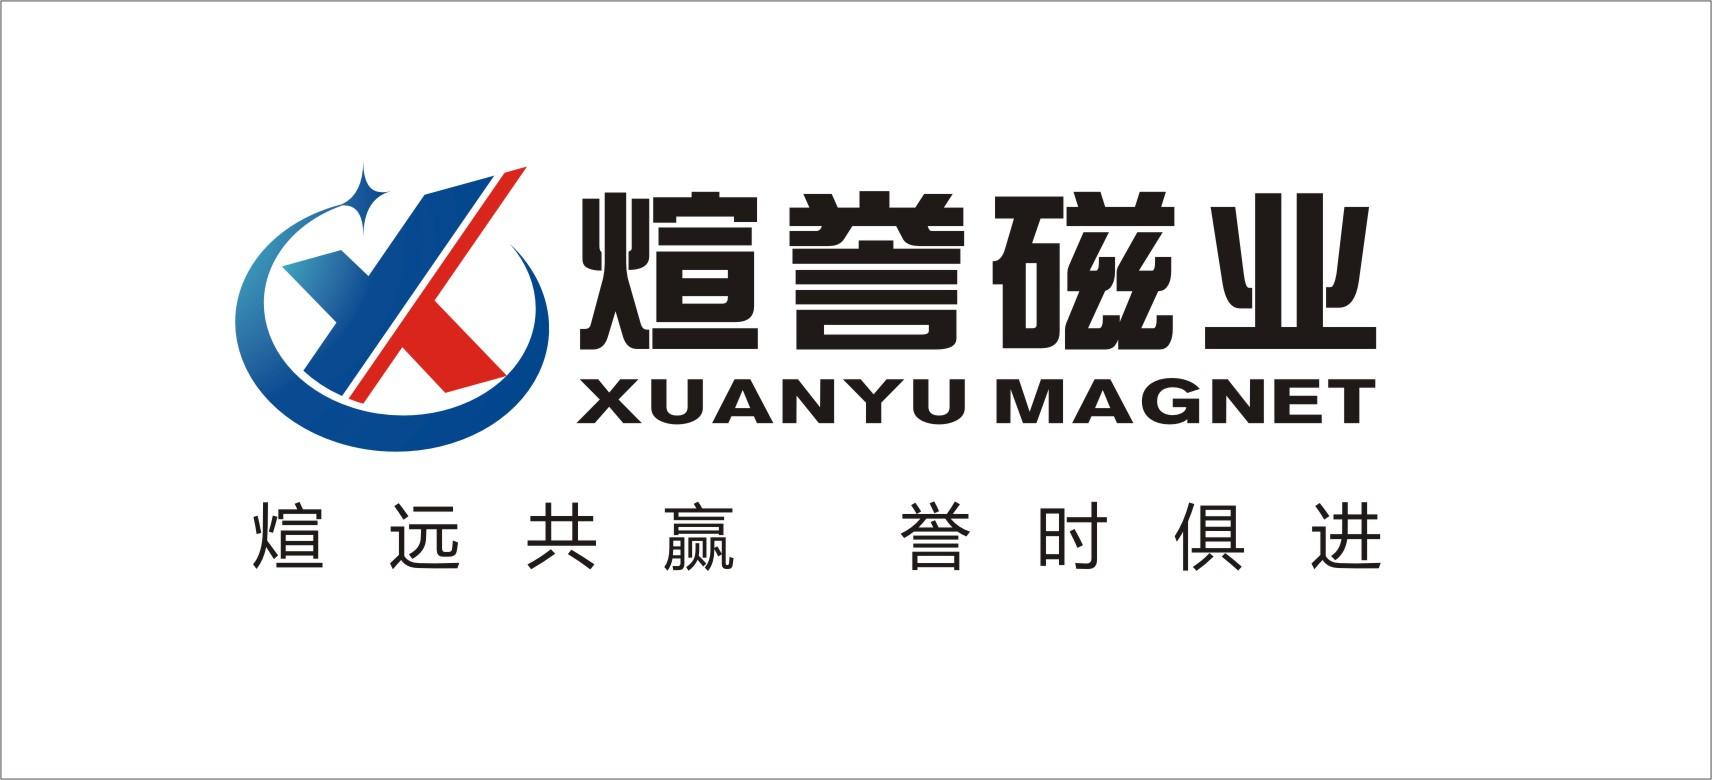 上海煊誉磁业有限公司